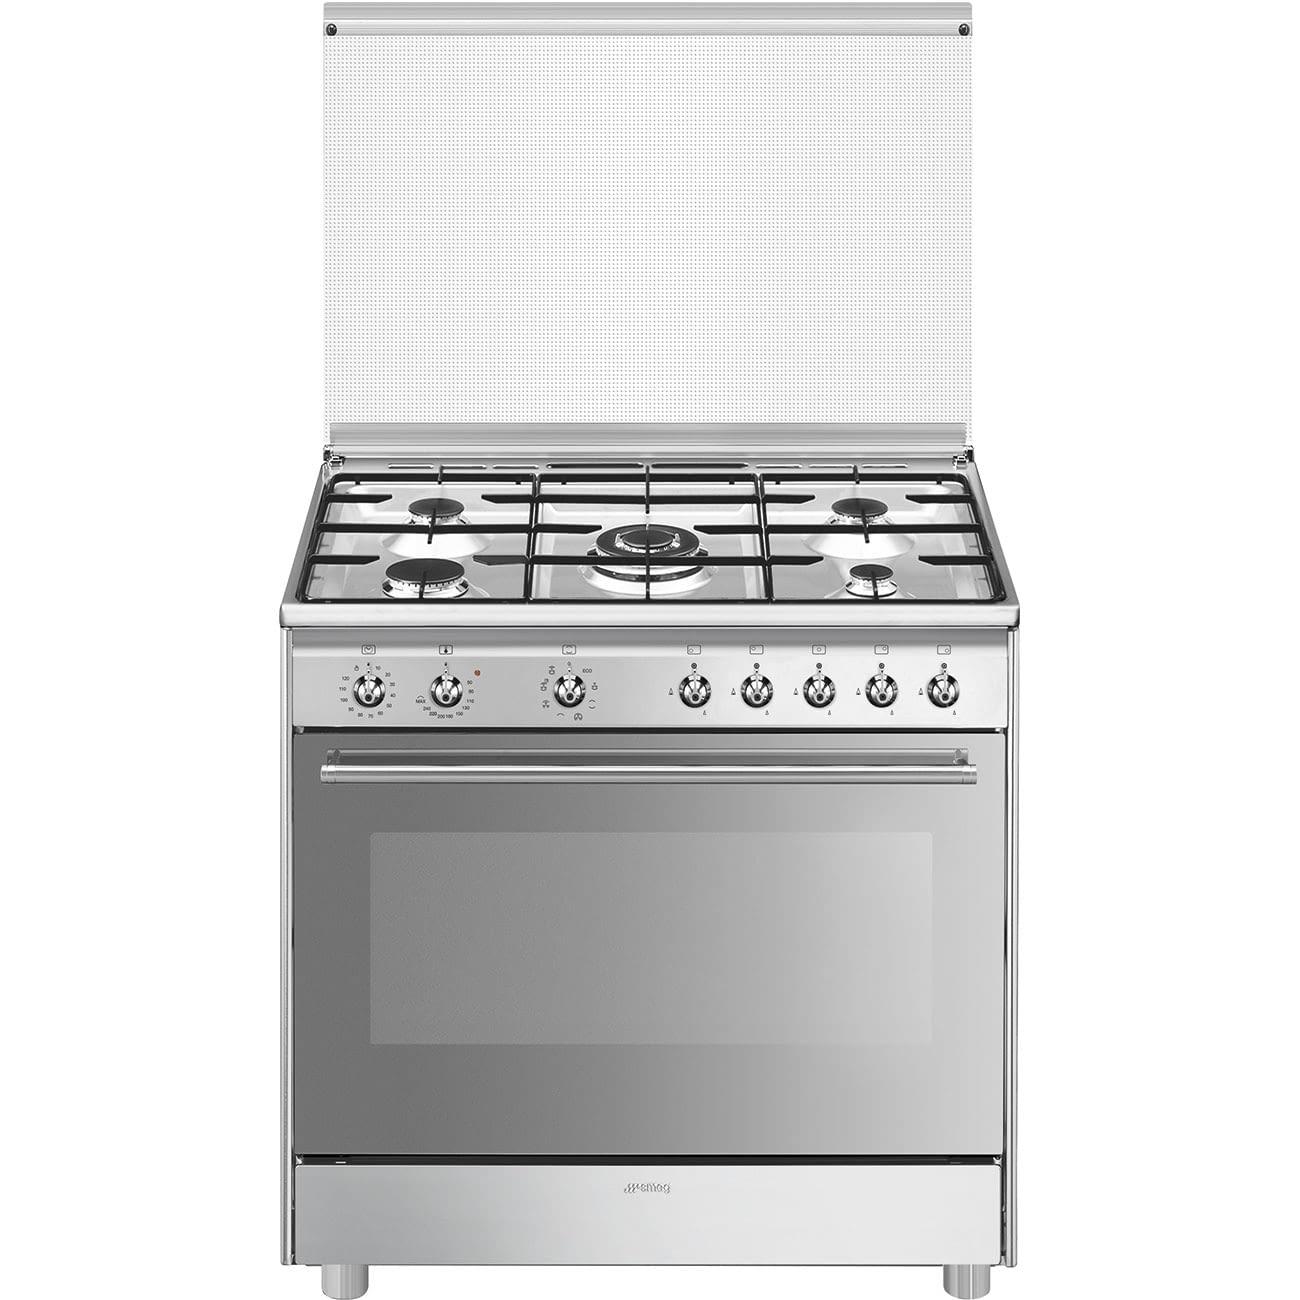 SMEG SX91MDS9 Cocina de Gas 90cm x 60cm   1 Horno Eléctrico Vapor   Acero Inox   Envío Gratis -